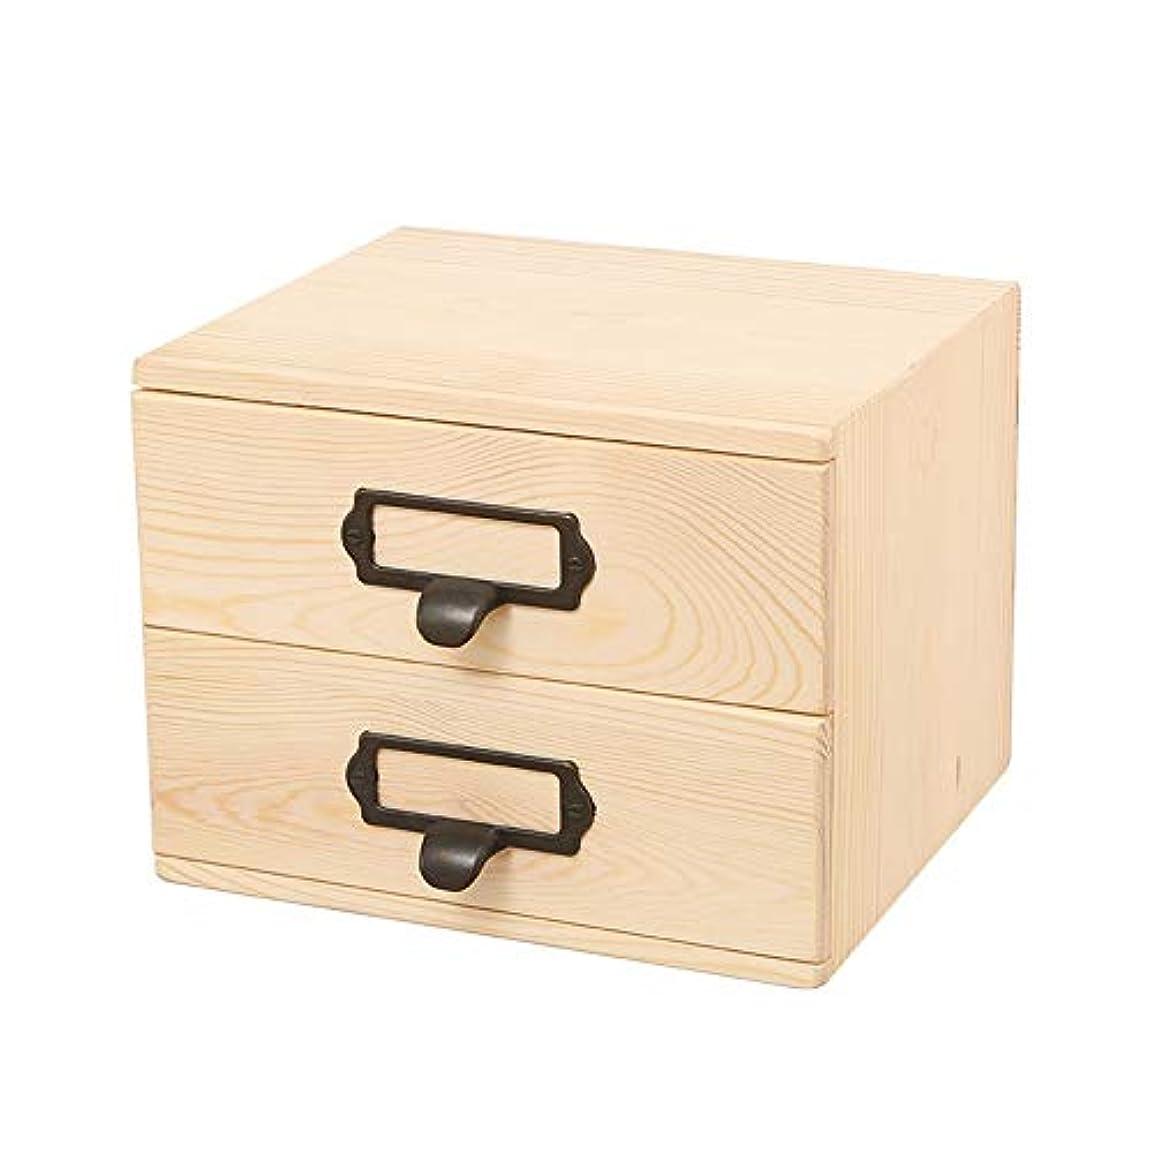 少年病気エンゲージメント2ティア木エッセンシャルオイルボックスオーガナイザーパーフェクトエッセンシャルオイルケース アロマセラピー製品 (色 : Natural, サイズ : 23.5X19.5X17.5CM)